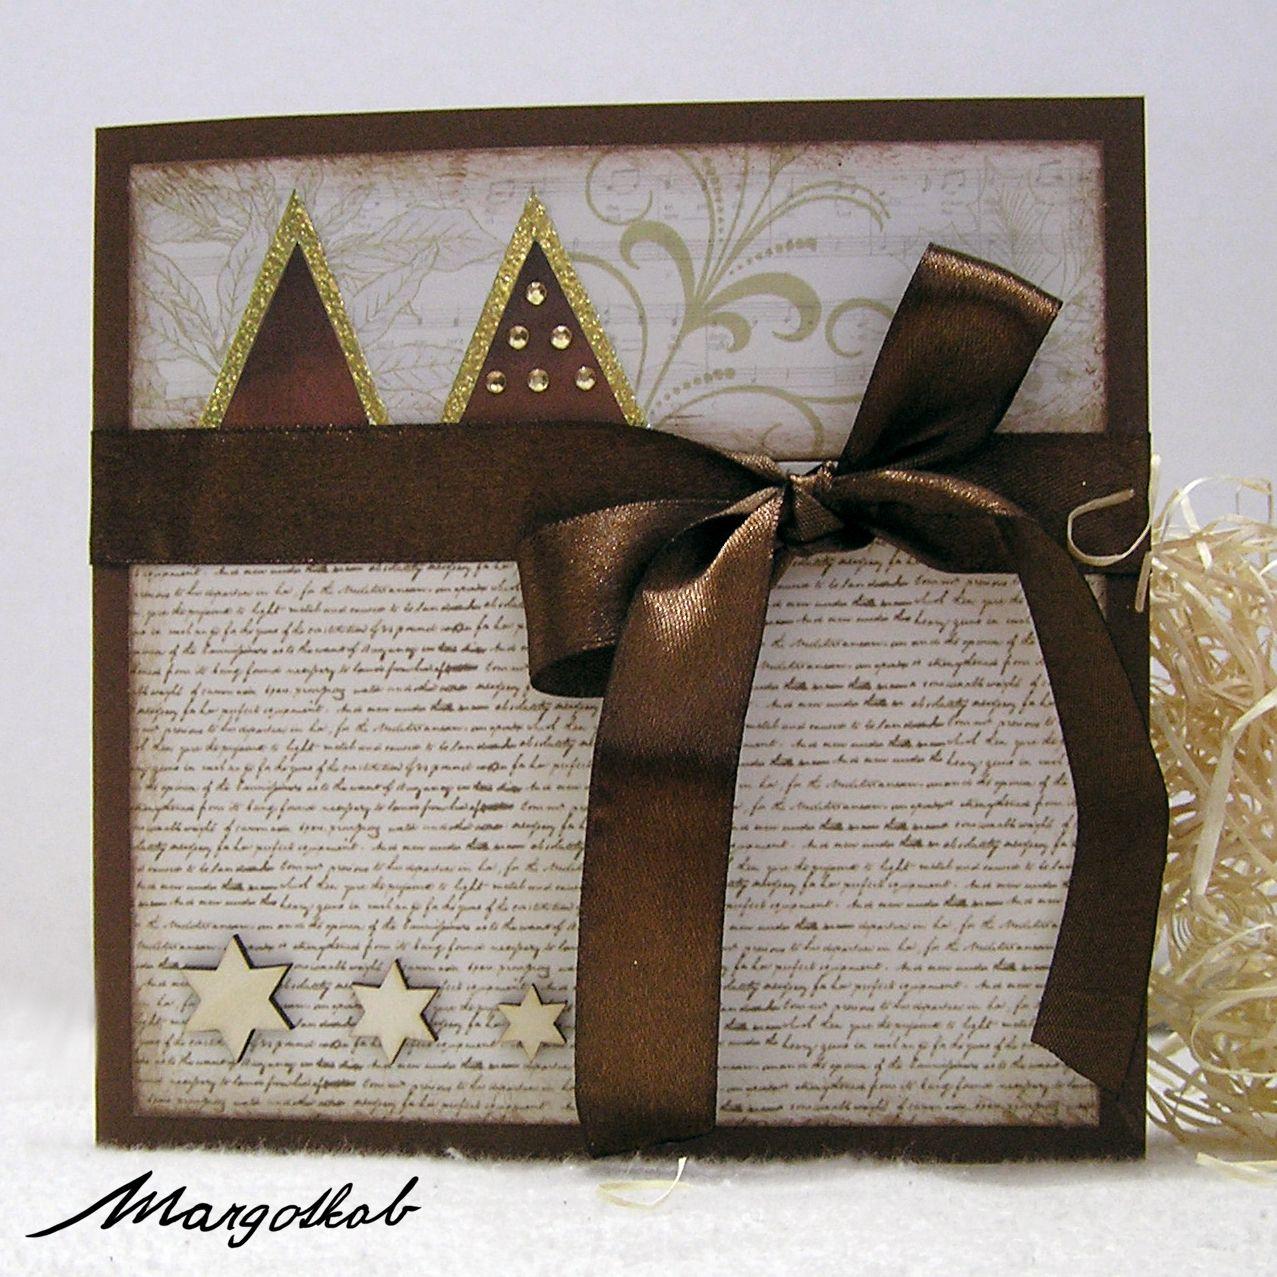 obrázky k vánočnímu přání Vánoční přání stromečky Papírové přáníčko s Vánočním motivem  obrázky k vánočnímu přání